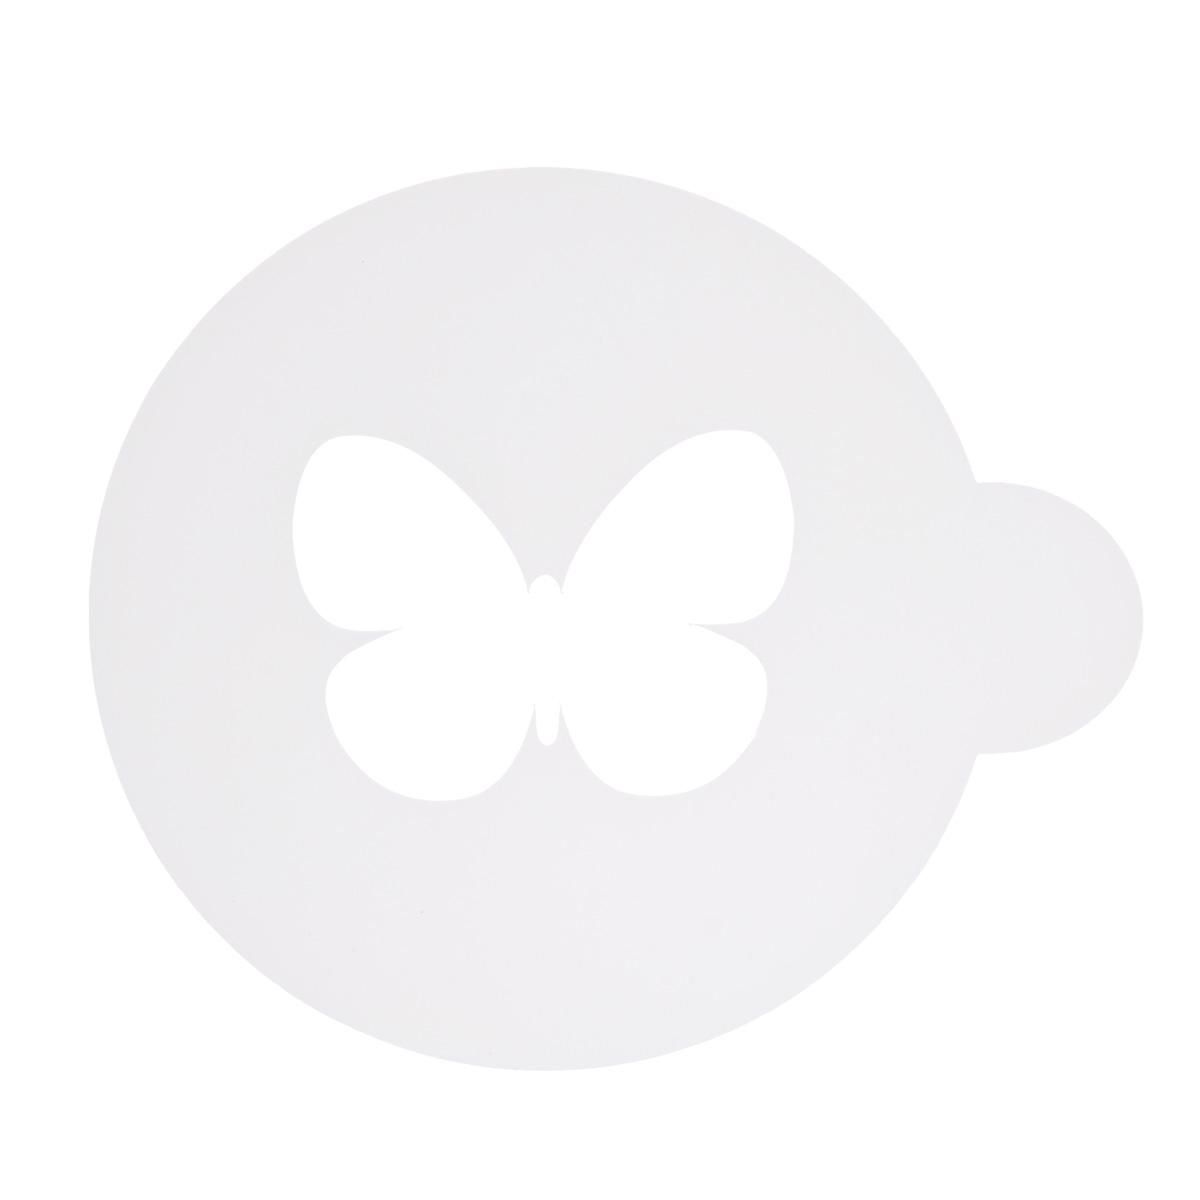 Трафарет на кофе и десерты Леденцовая фабрика Бабочка, диаметр 10 смТ02Трафарет представляет собой пластину с прорезями, через которые пищевая краска (сахарная пудра, какао, шоколад, сливки, корица, дробленый орех) наносится на поверхность кофе, молочных коктейлей, десертов. Трафарет изготовлен из матового пищевого пластика 250 мкм и пригоден для контакта с пищевыми продуктами. Трафарет многоразовый. Побалуйте себя и ваших близких красиво оформленным кофе.